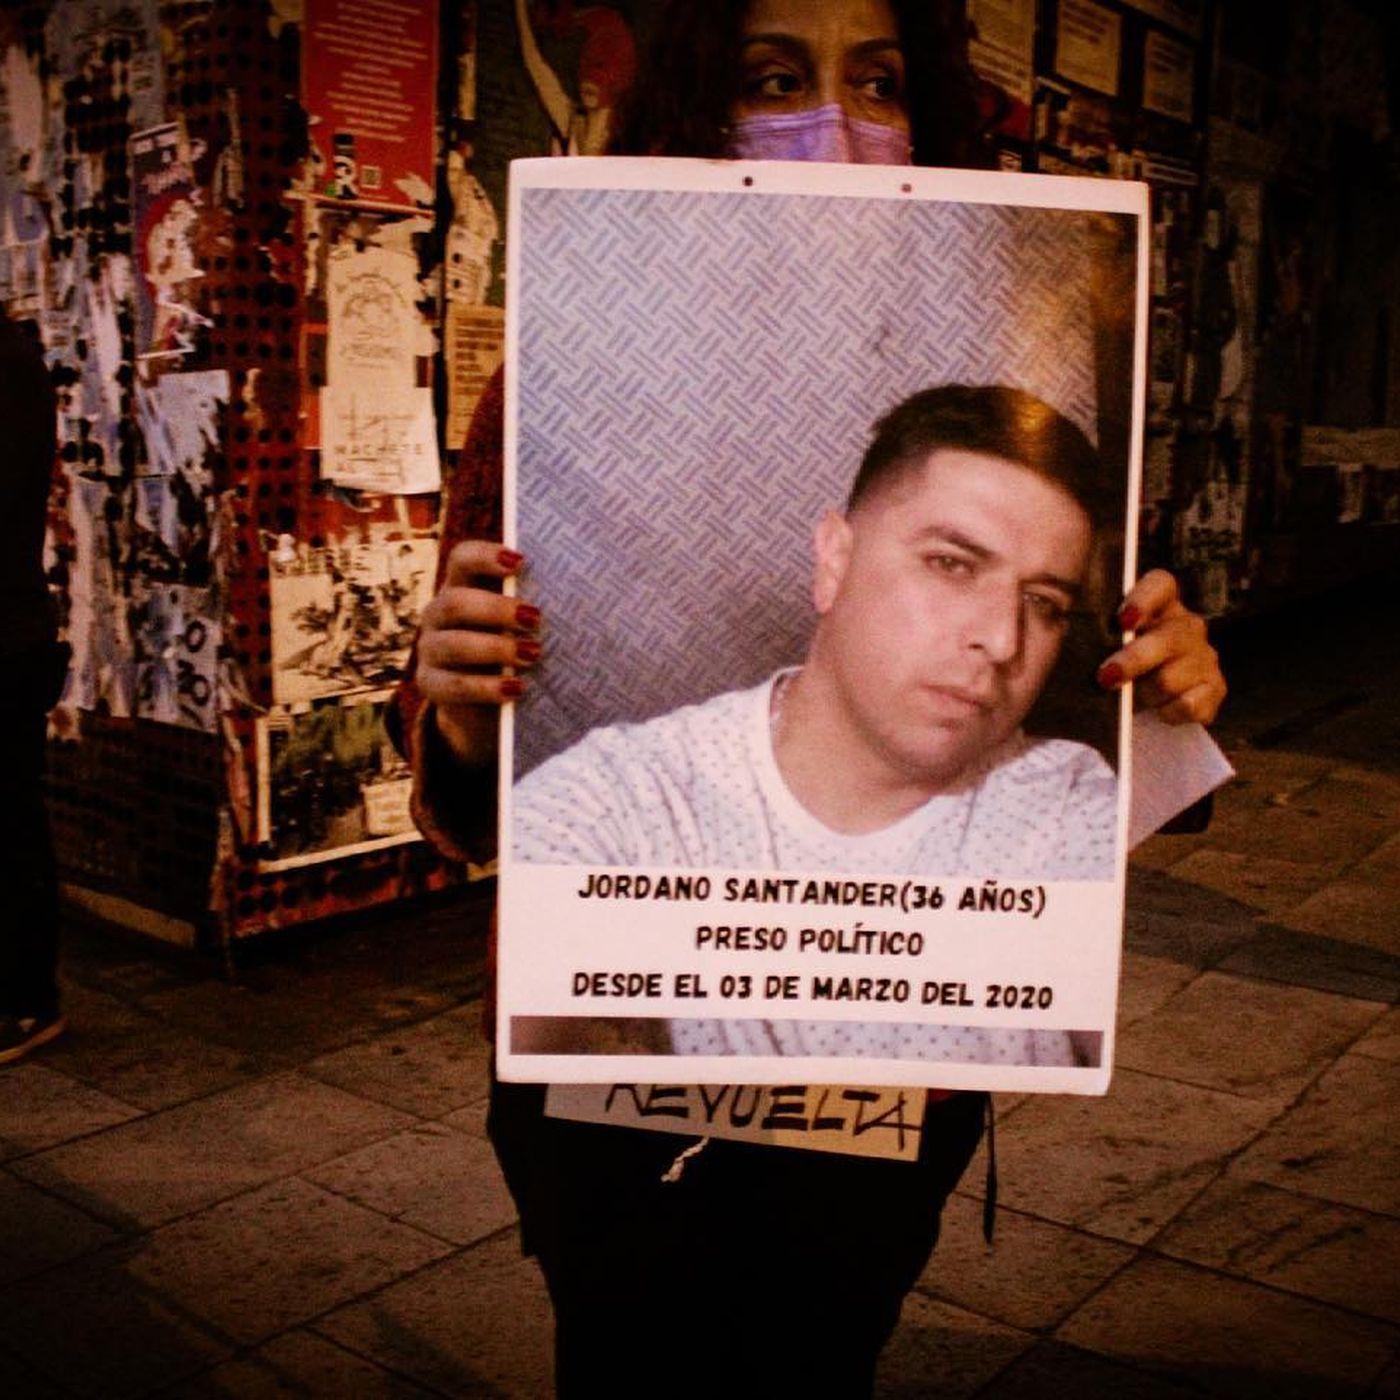 Diputados FA y PC piden libertad para Jordano Santander, preso de la revuelta en la Cárcel de San Antonio